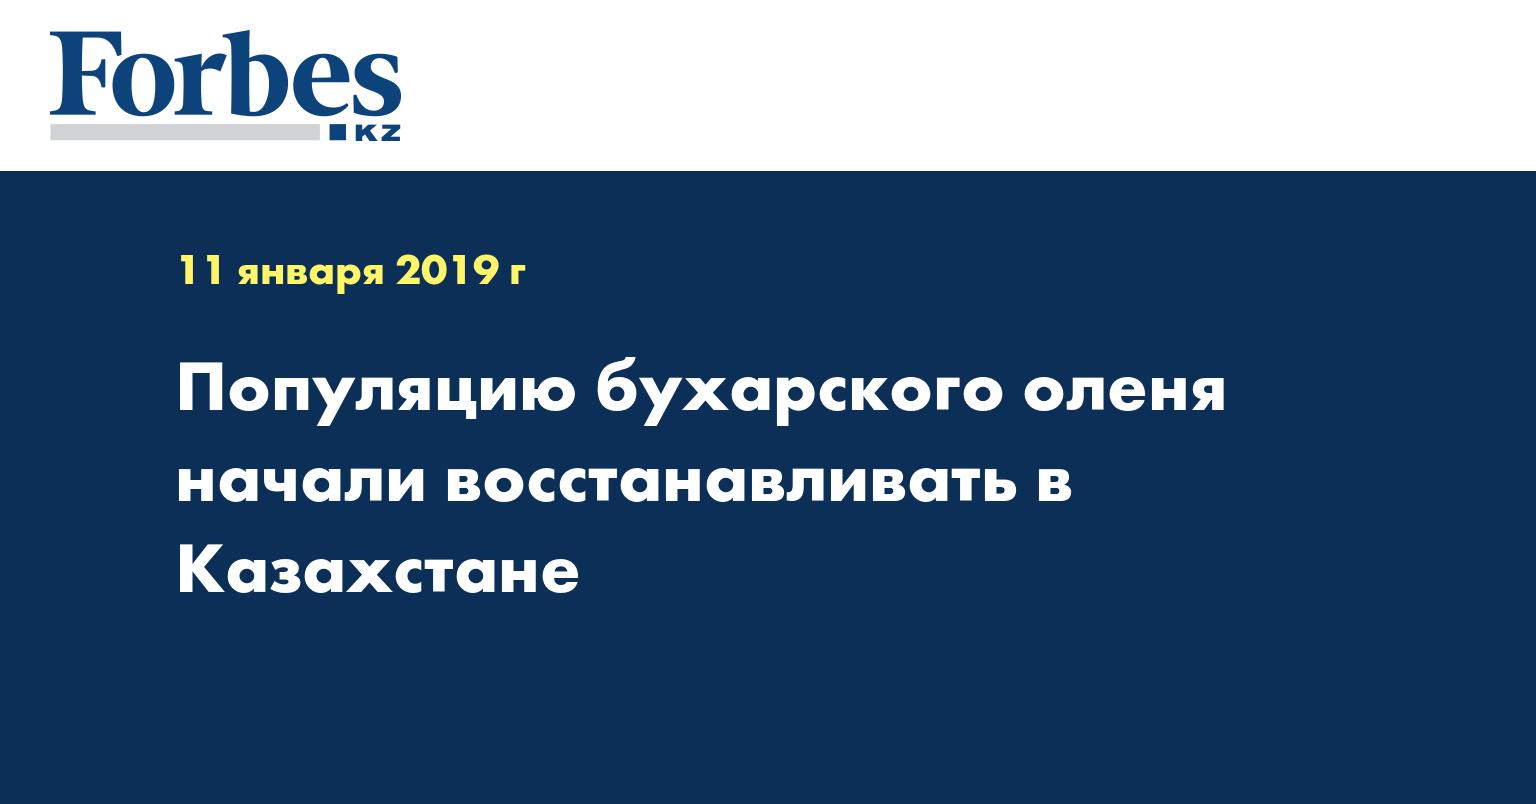 Популяцию бухарского оленя начали восстанавливать в Казахстане